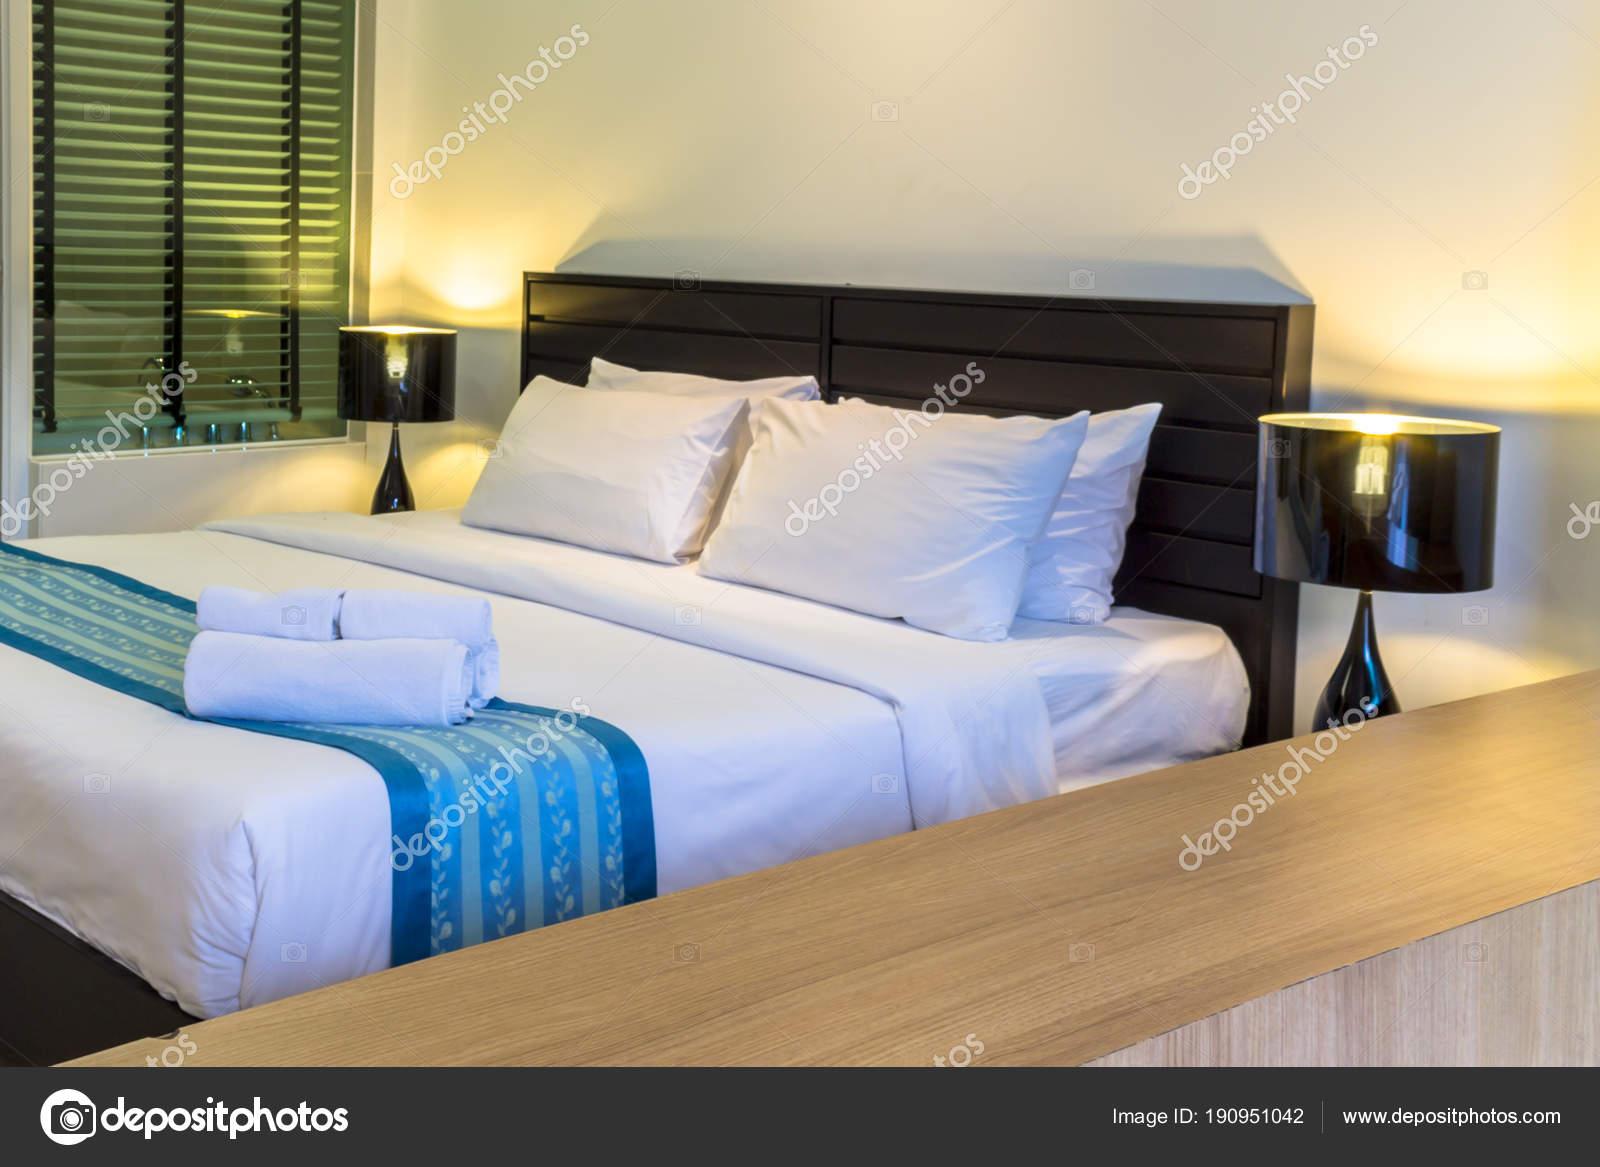 Piscina accesso accogliente camera da letto moderna ...